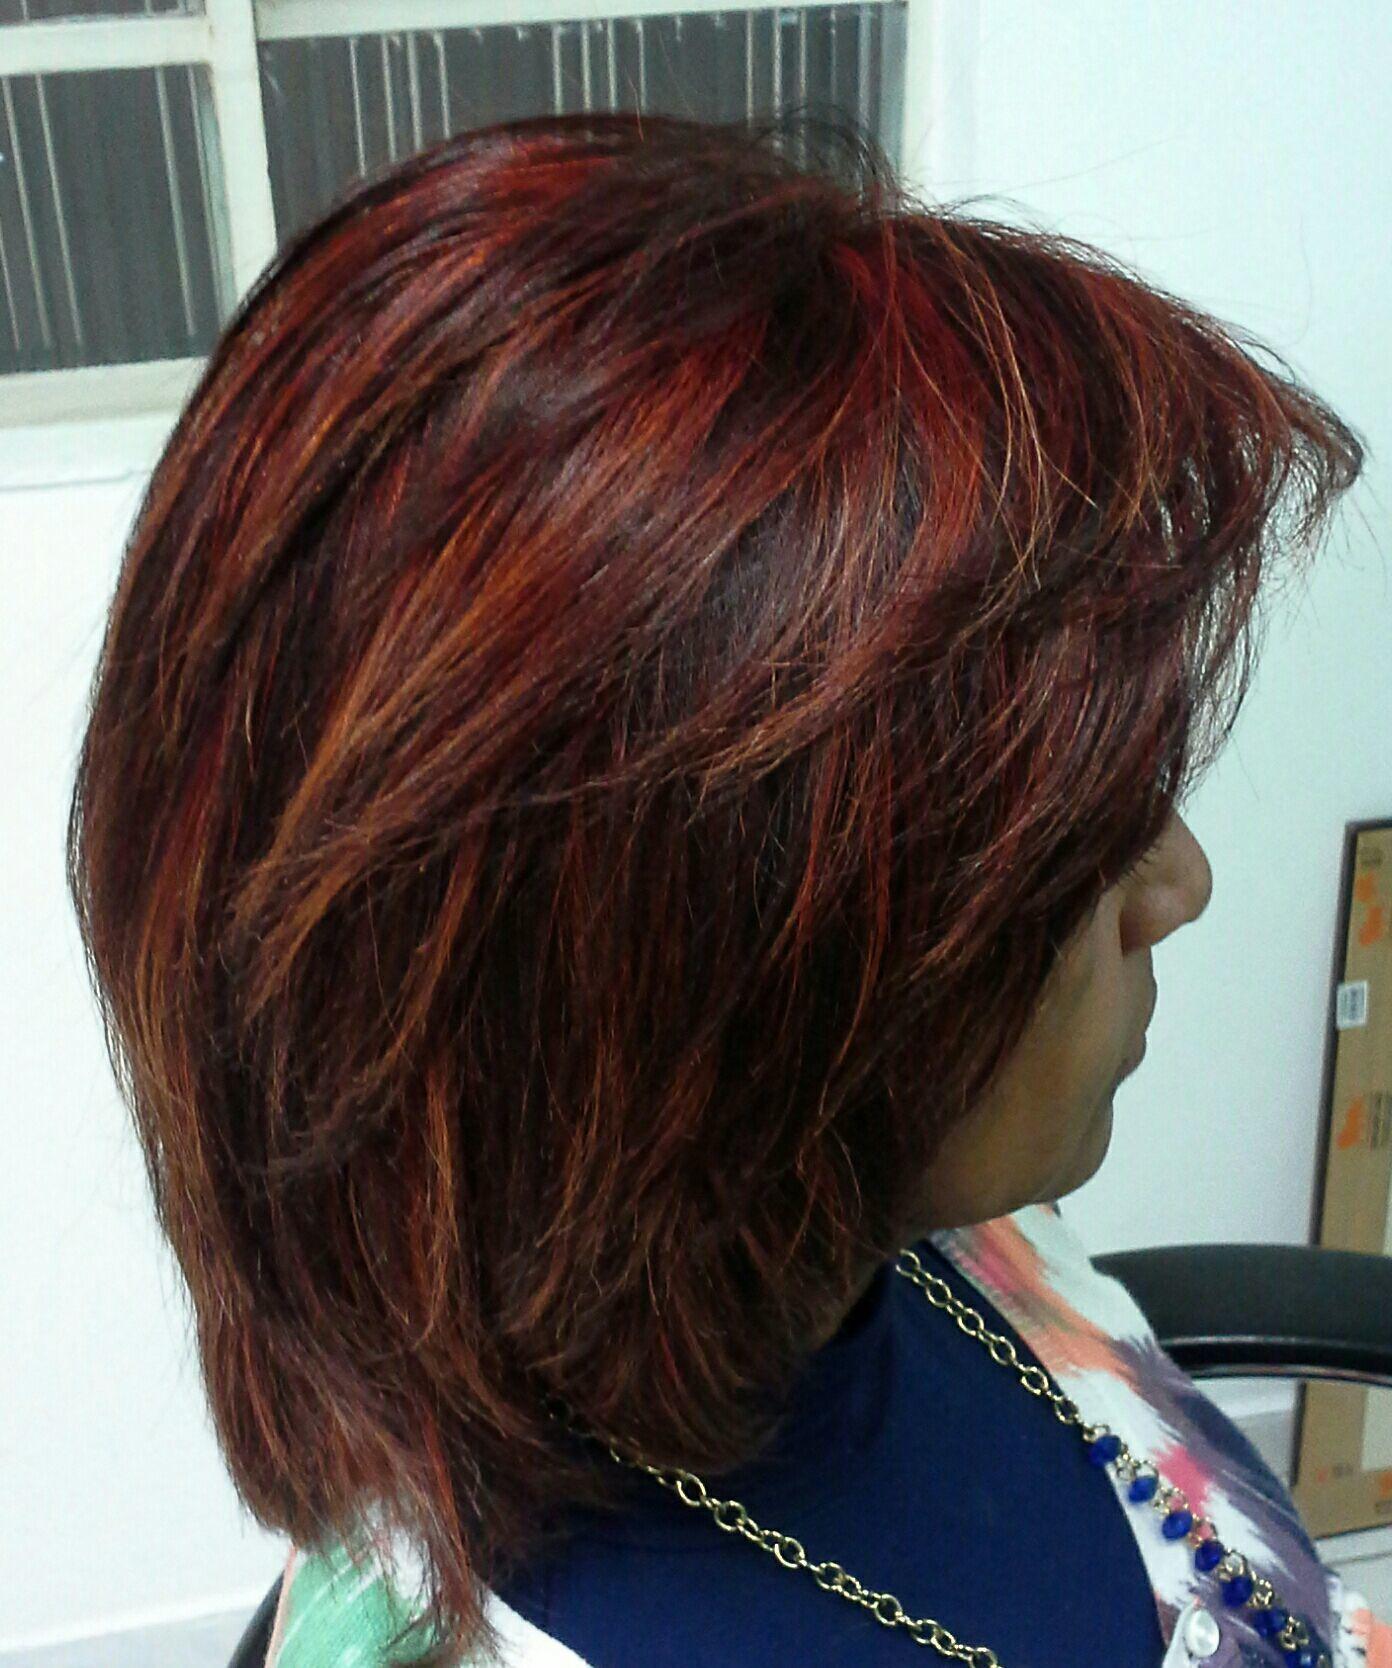 Cor vermelho  com luzes  ton sobre  ton atitude cabelo stylist / visagista cabeleireiro(a)